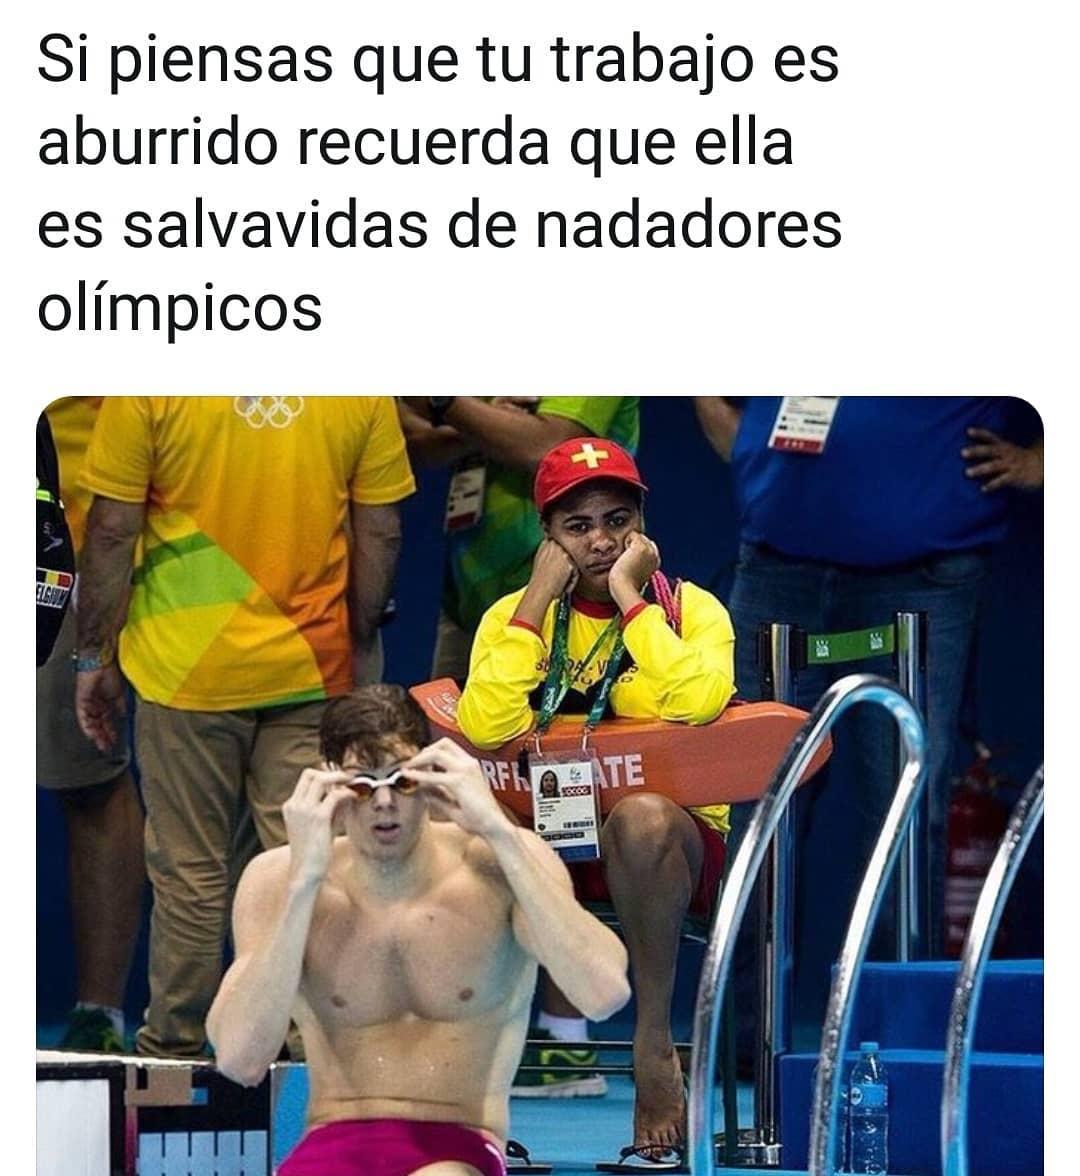 Si piensas que tu trabajo es aburrido recuerda que ella es salvavidas de nadadores olímpicos.